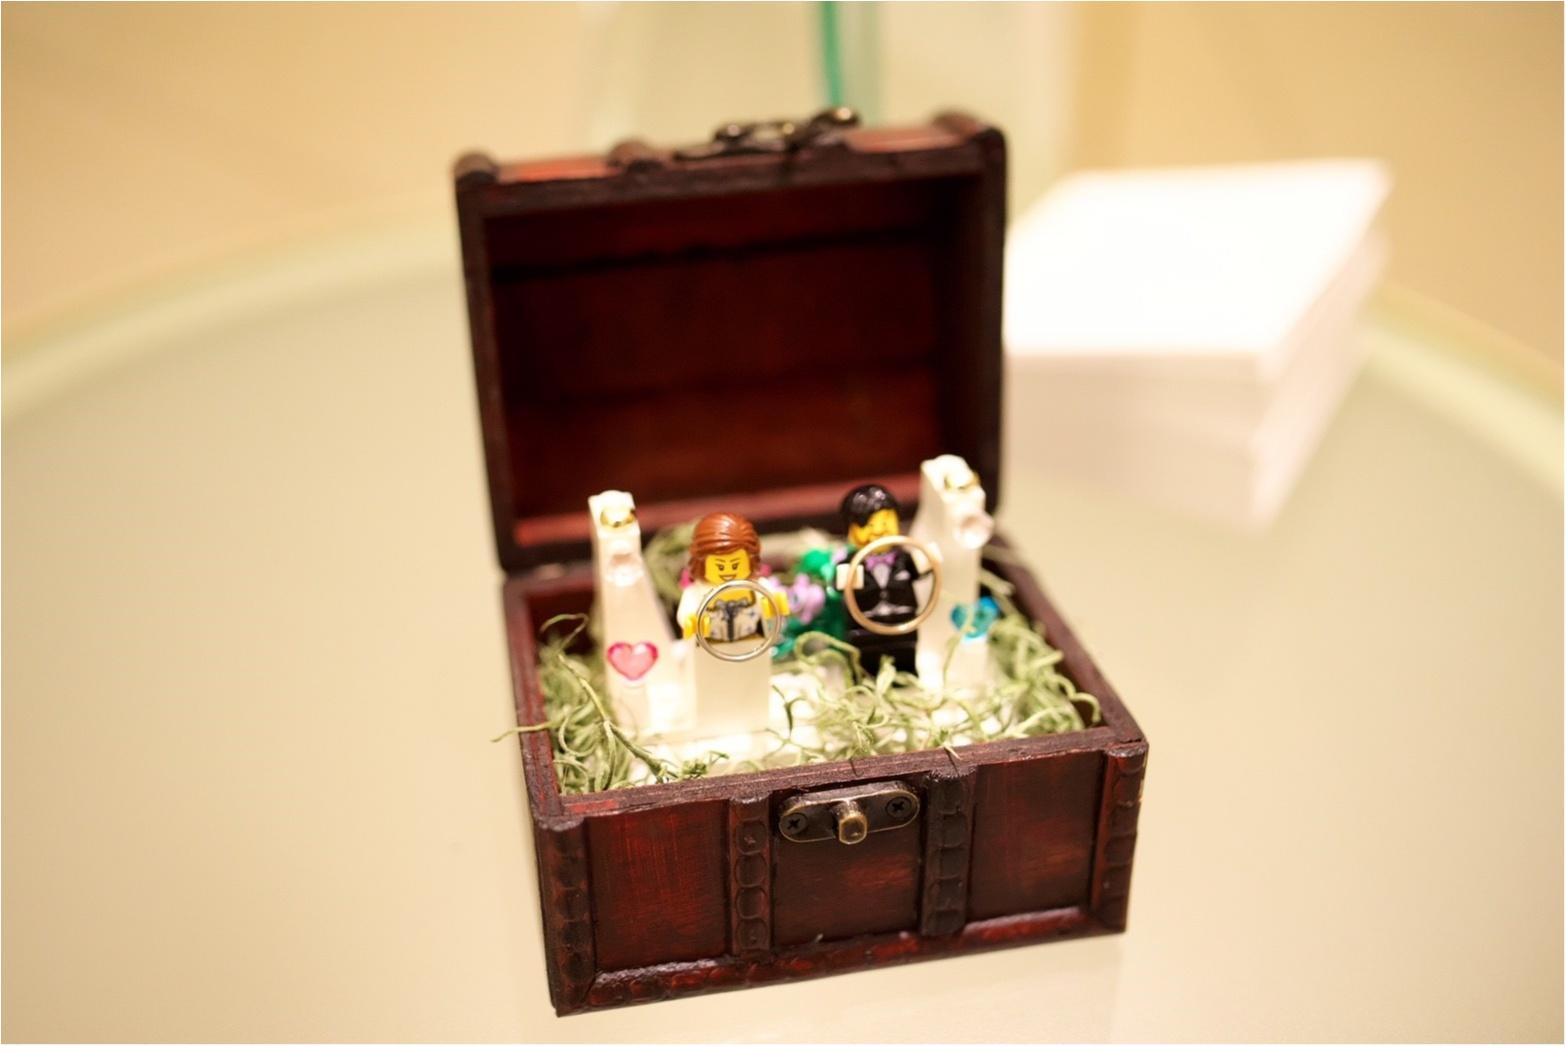 【結婚式のカメラ事情】外注カメラ!東京ウェディングスタイルさんにお願いしました!_13